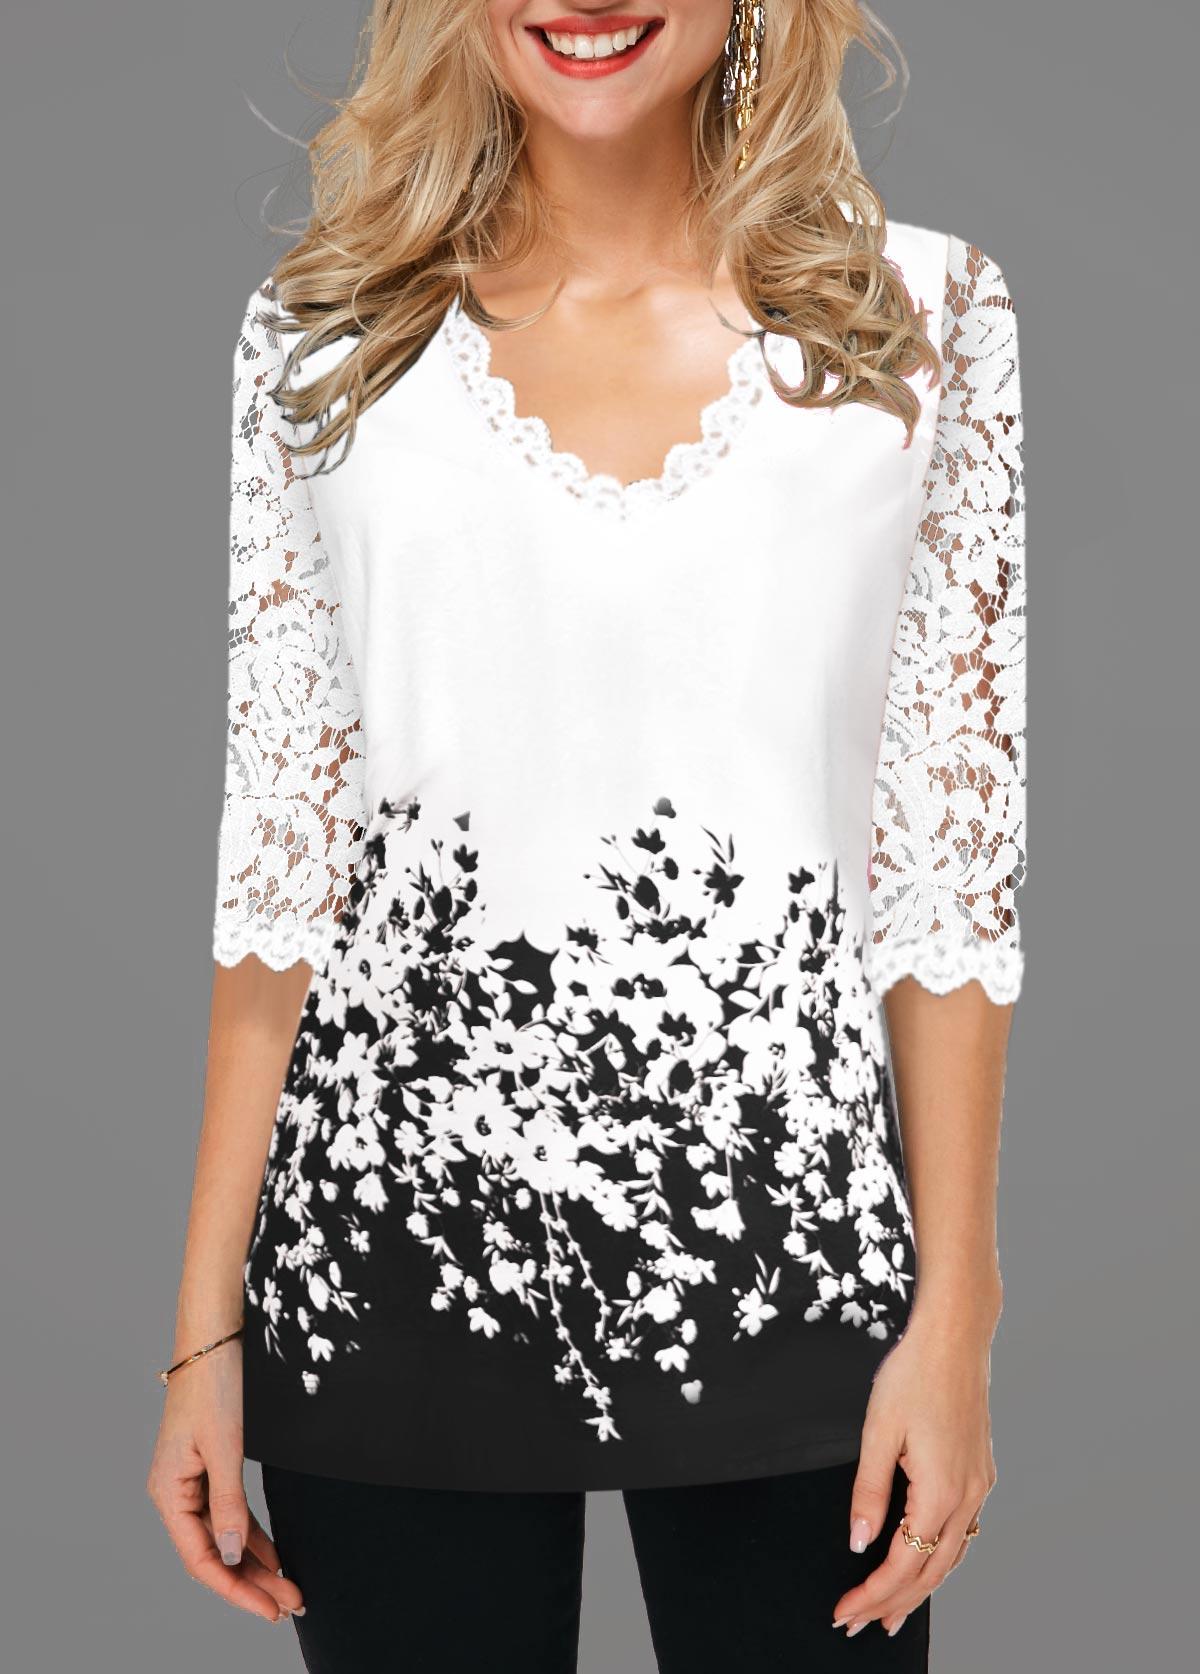 Floral Print Lace Detail Contrast Panel T Shirt